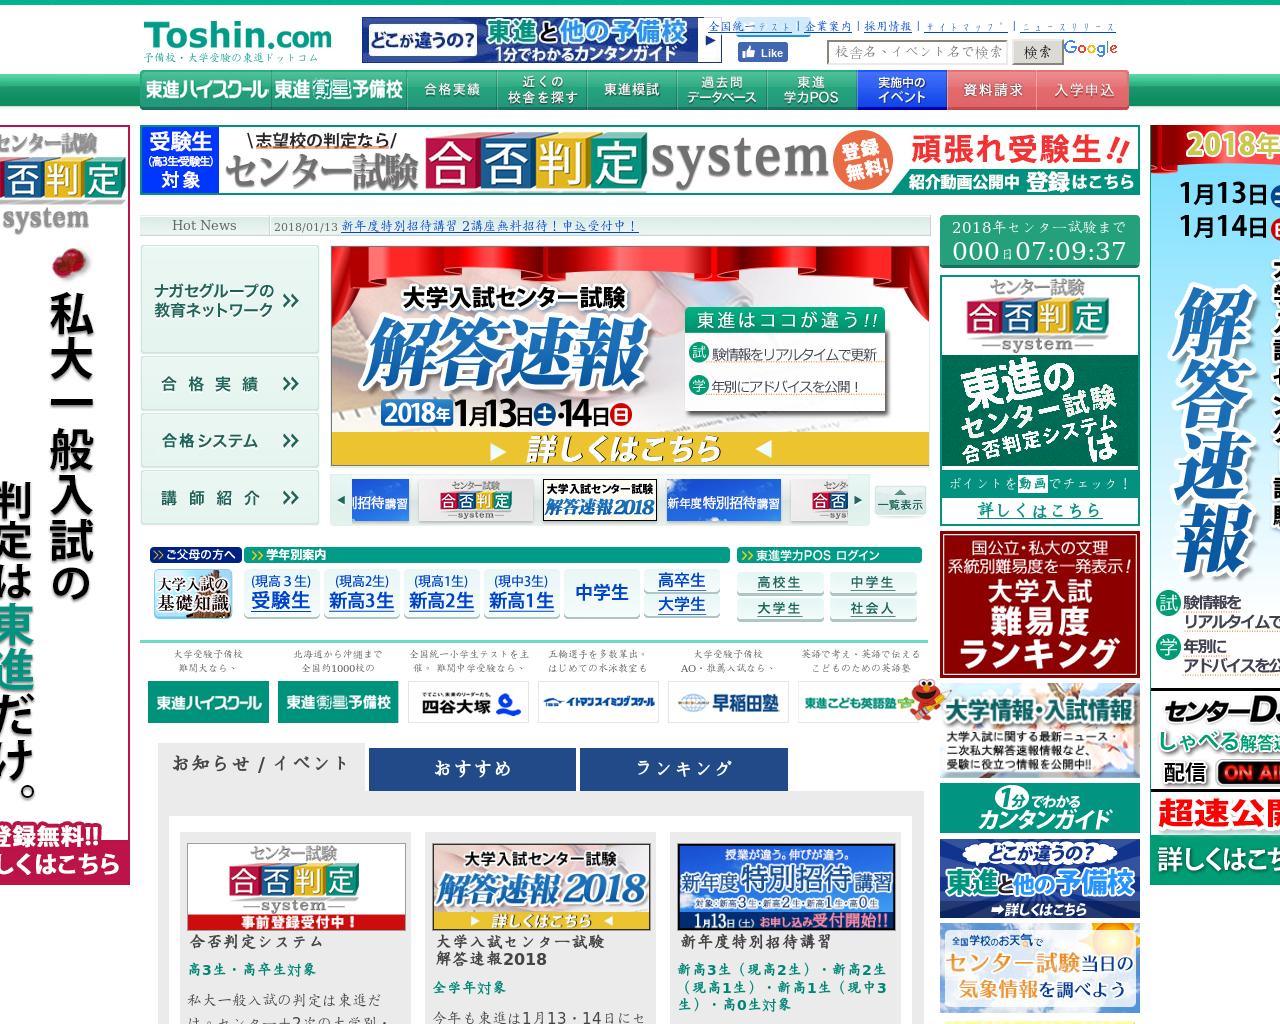 www.toshin.com(2018/01/13 02:20:41)